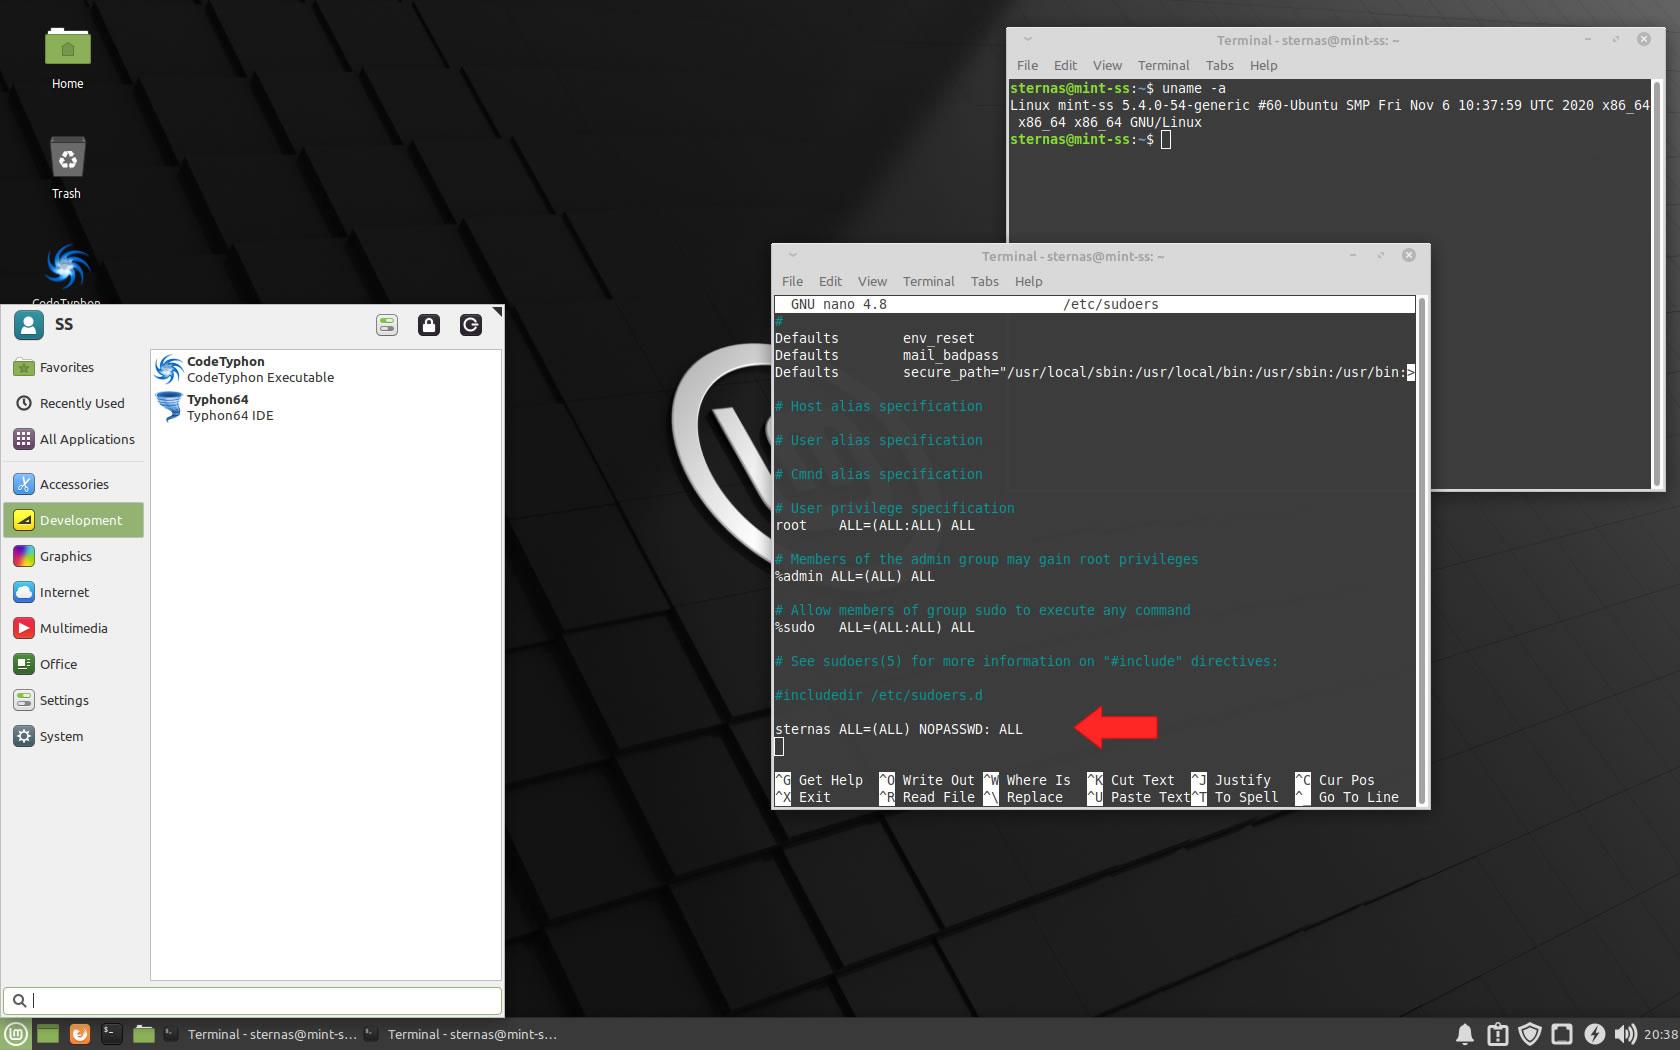 LinuxMint-xfce-2020-11-24-5.jpg